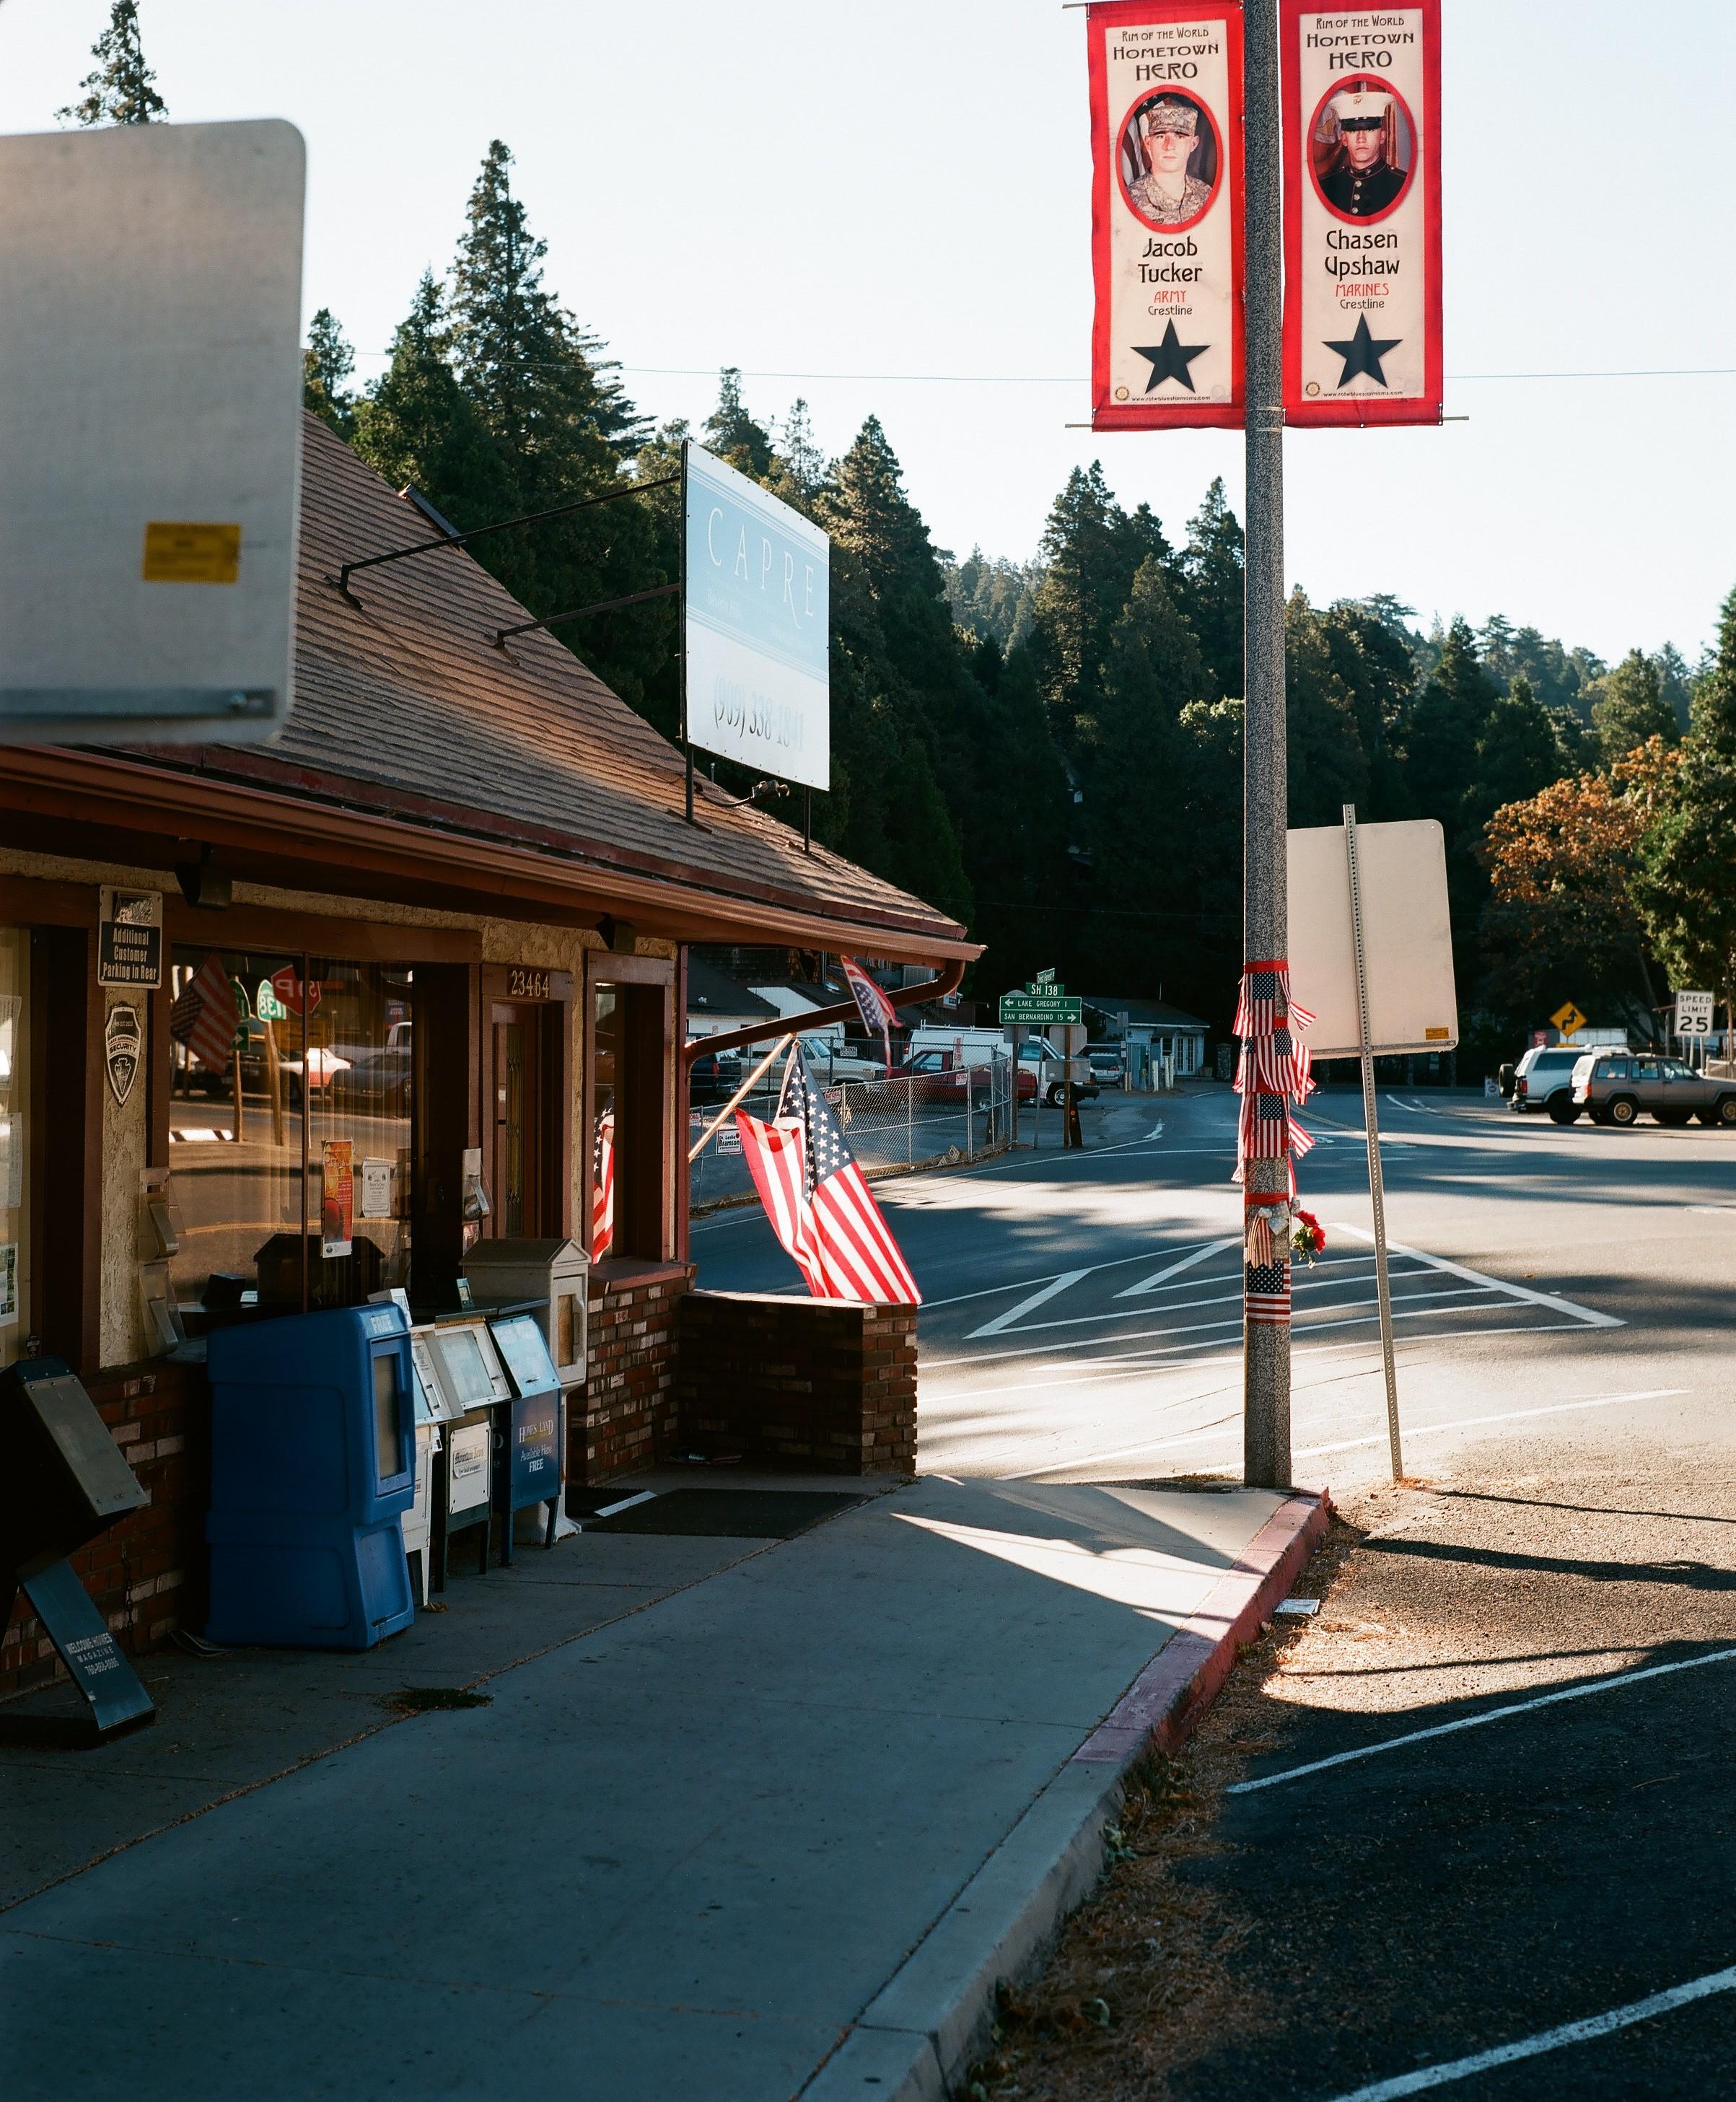 Crestline, California